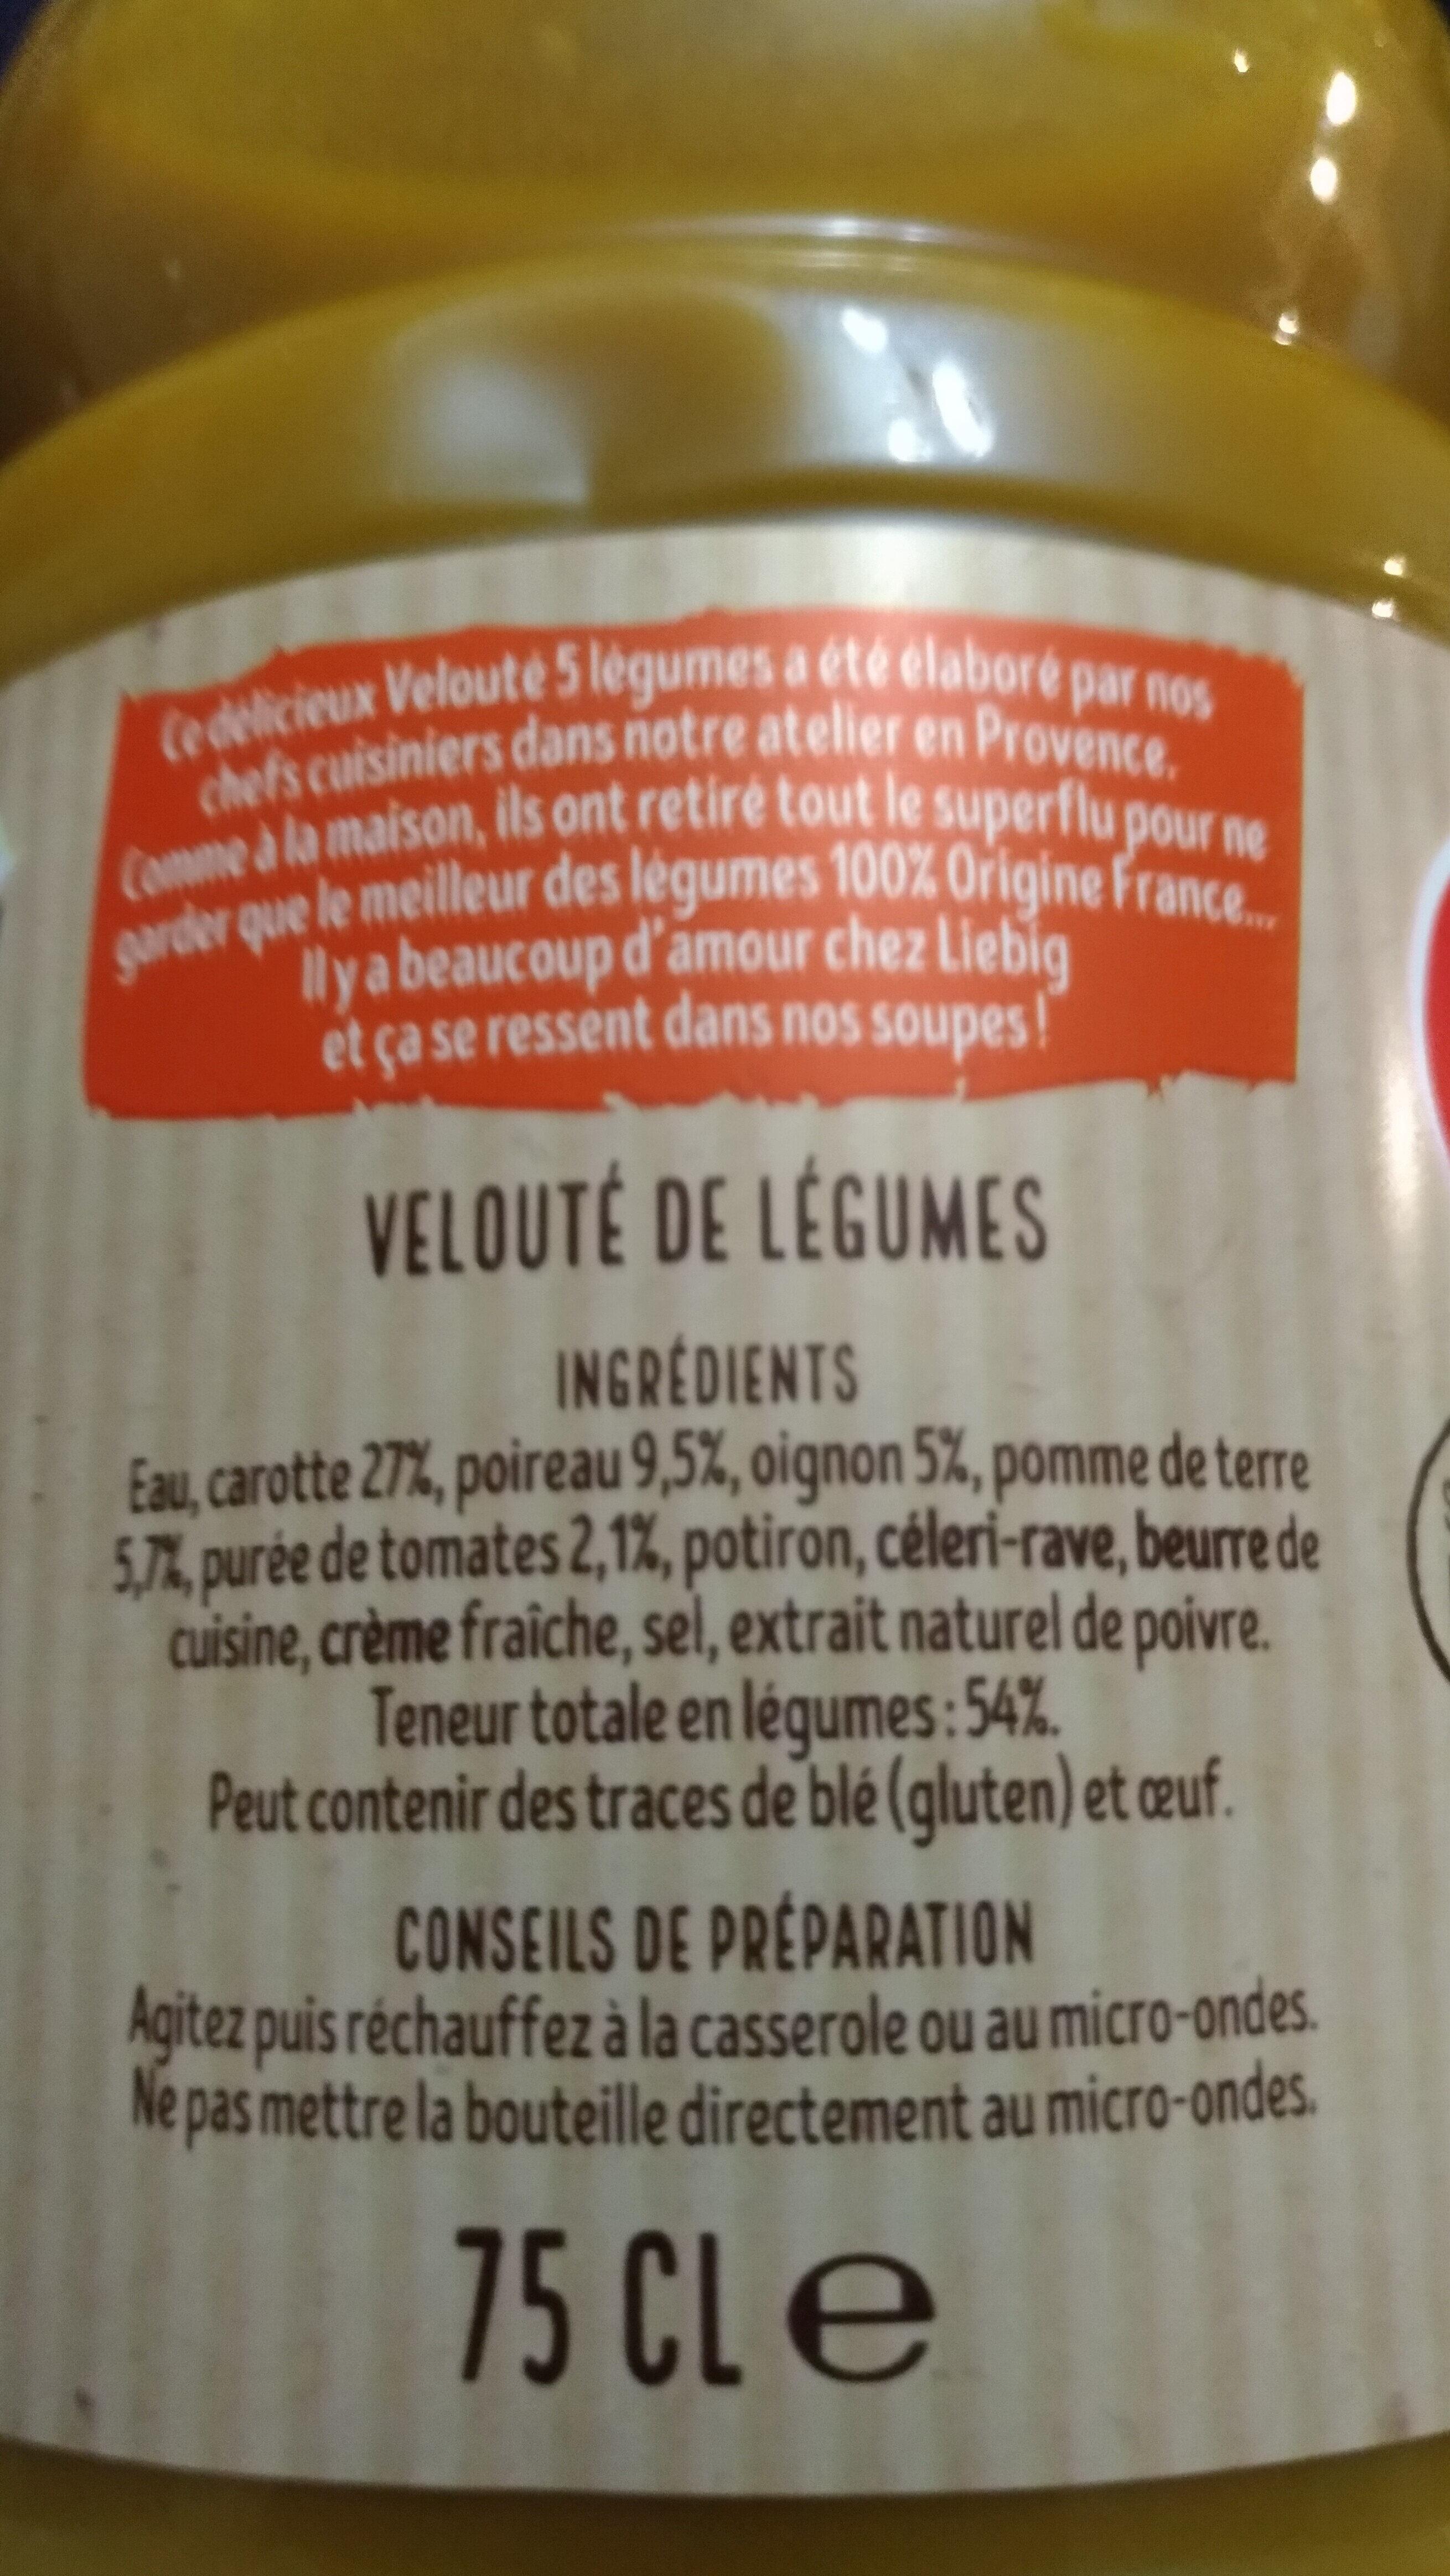 Velouté 5 légumes - Ingrediënten - fr